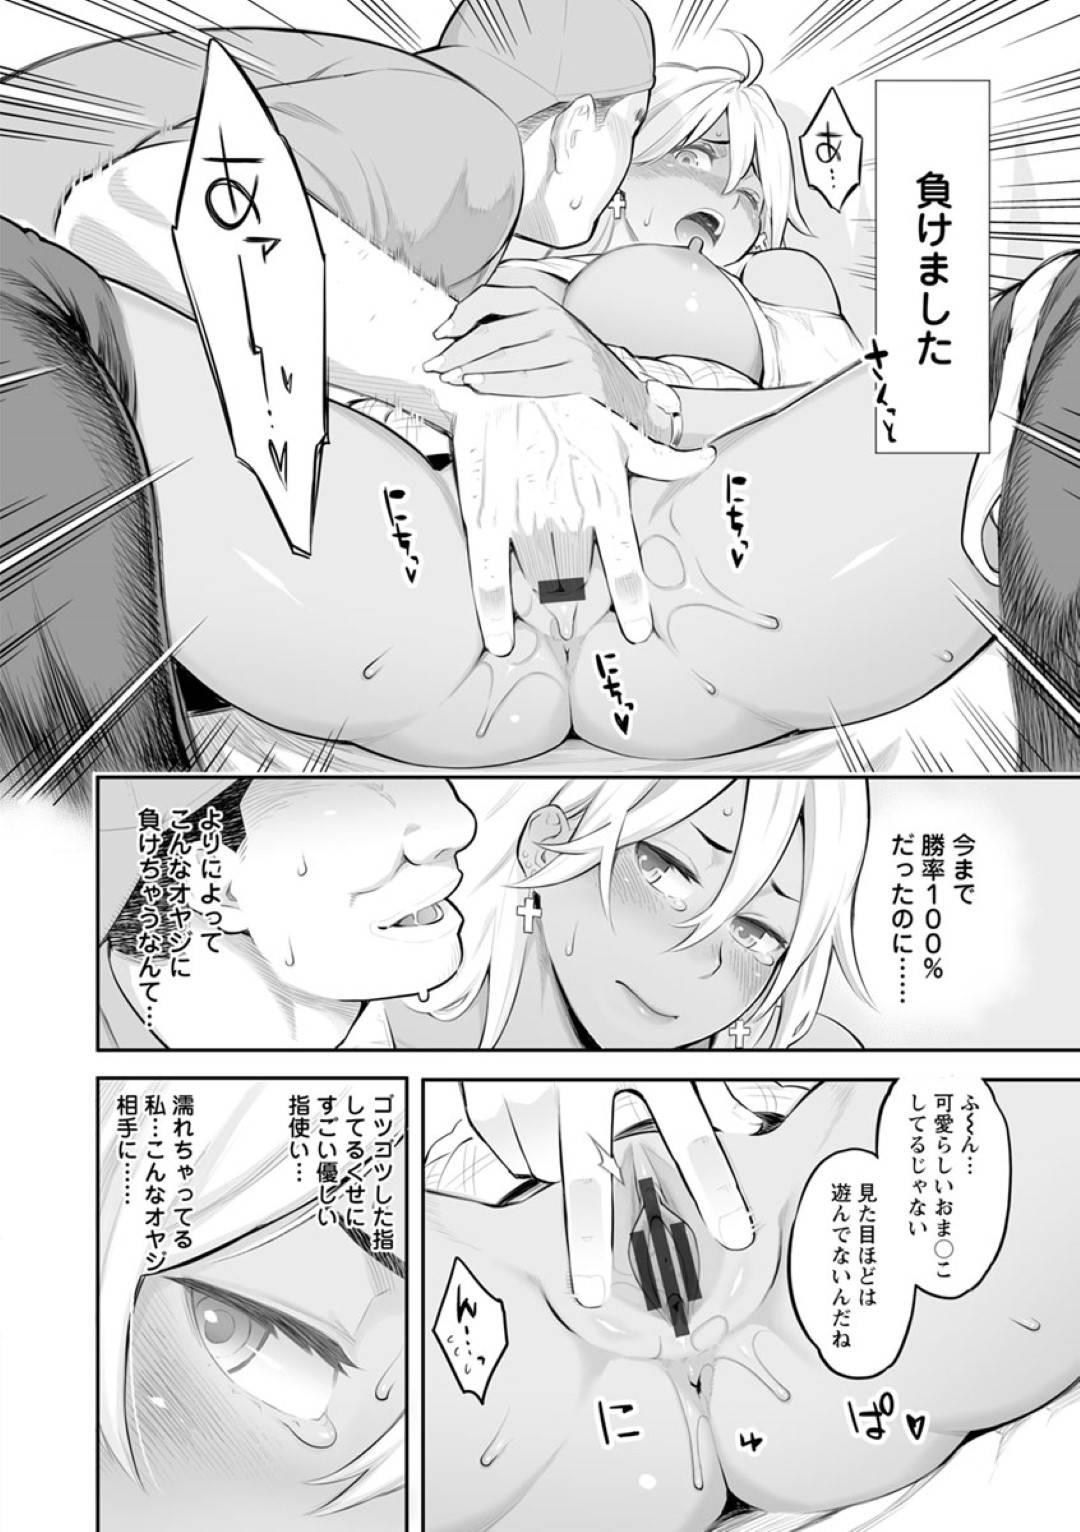 【エロ漫画】仮眠室で同級生相手に援助交際を仕掛ける黒ギャルJD…しかしそんな事をしていることが清掃員の男にバレてしまい、彼と中出しセックスする羽目になってしまう!